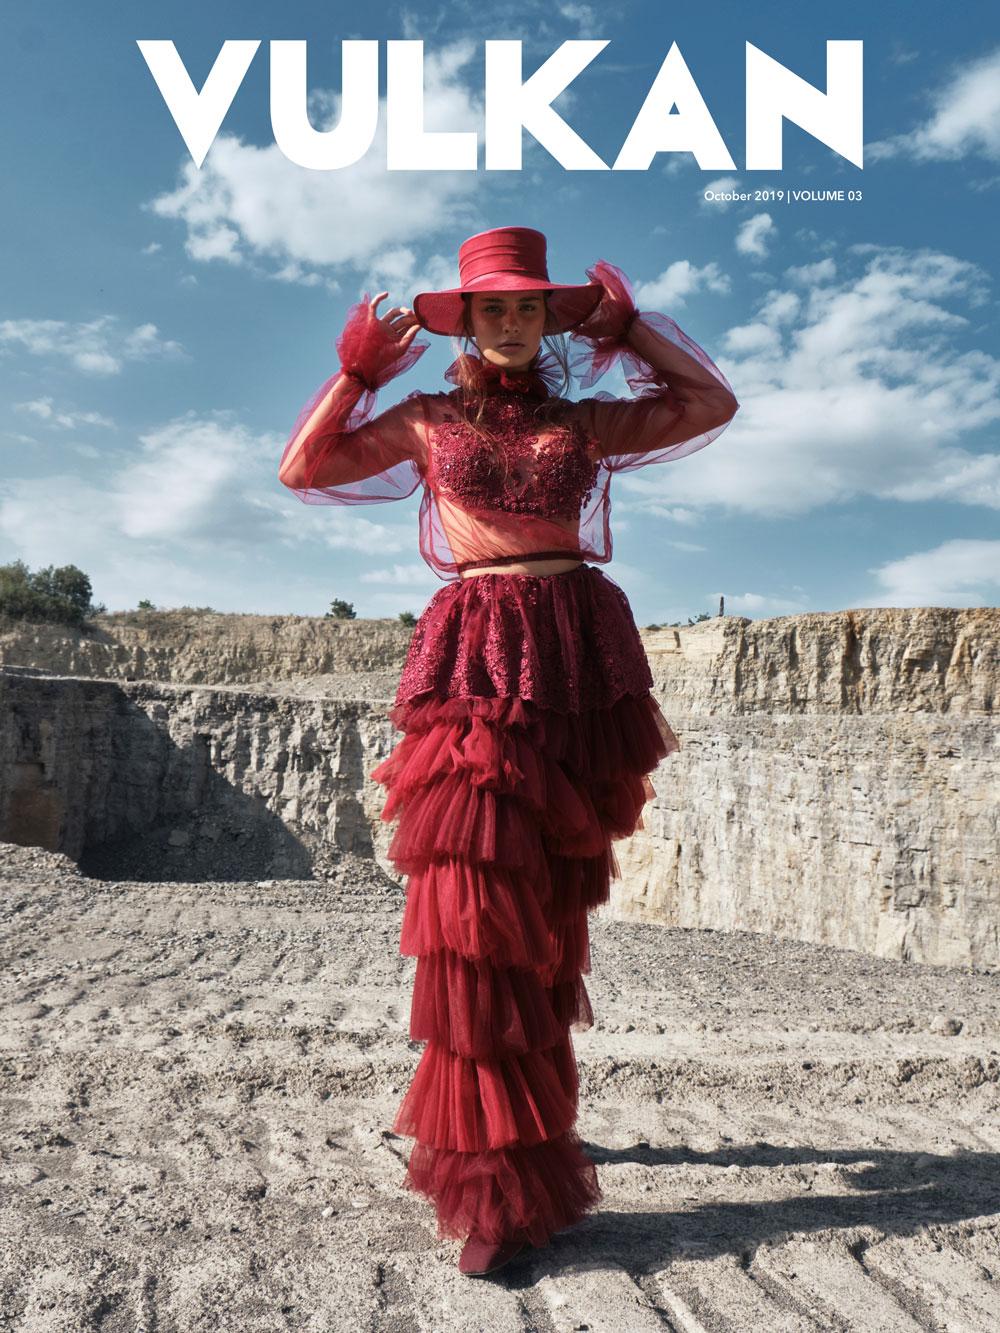 modefotografie frankfurt vulkan magazine cover